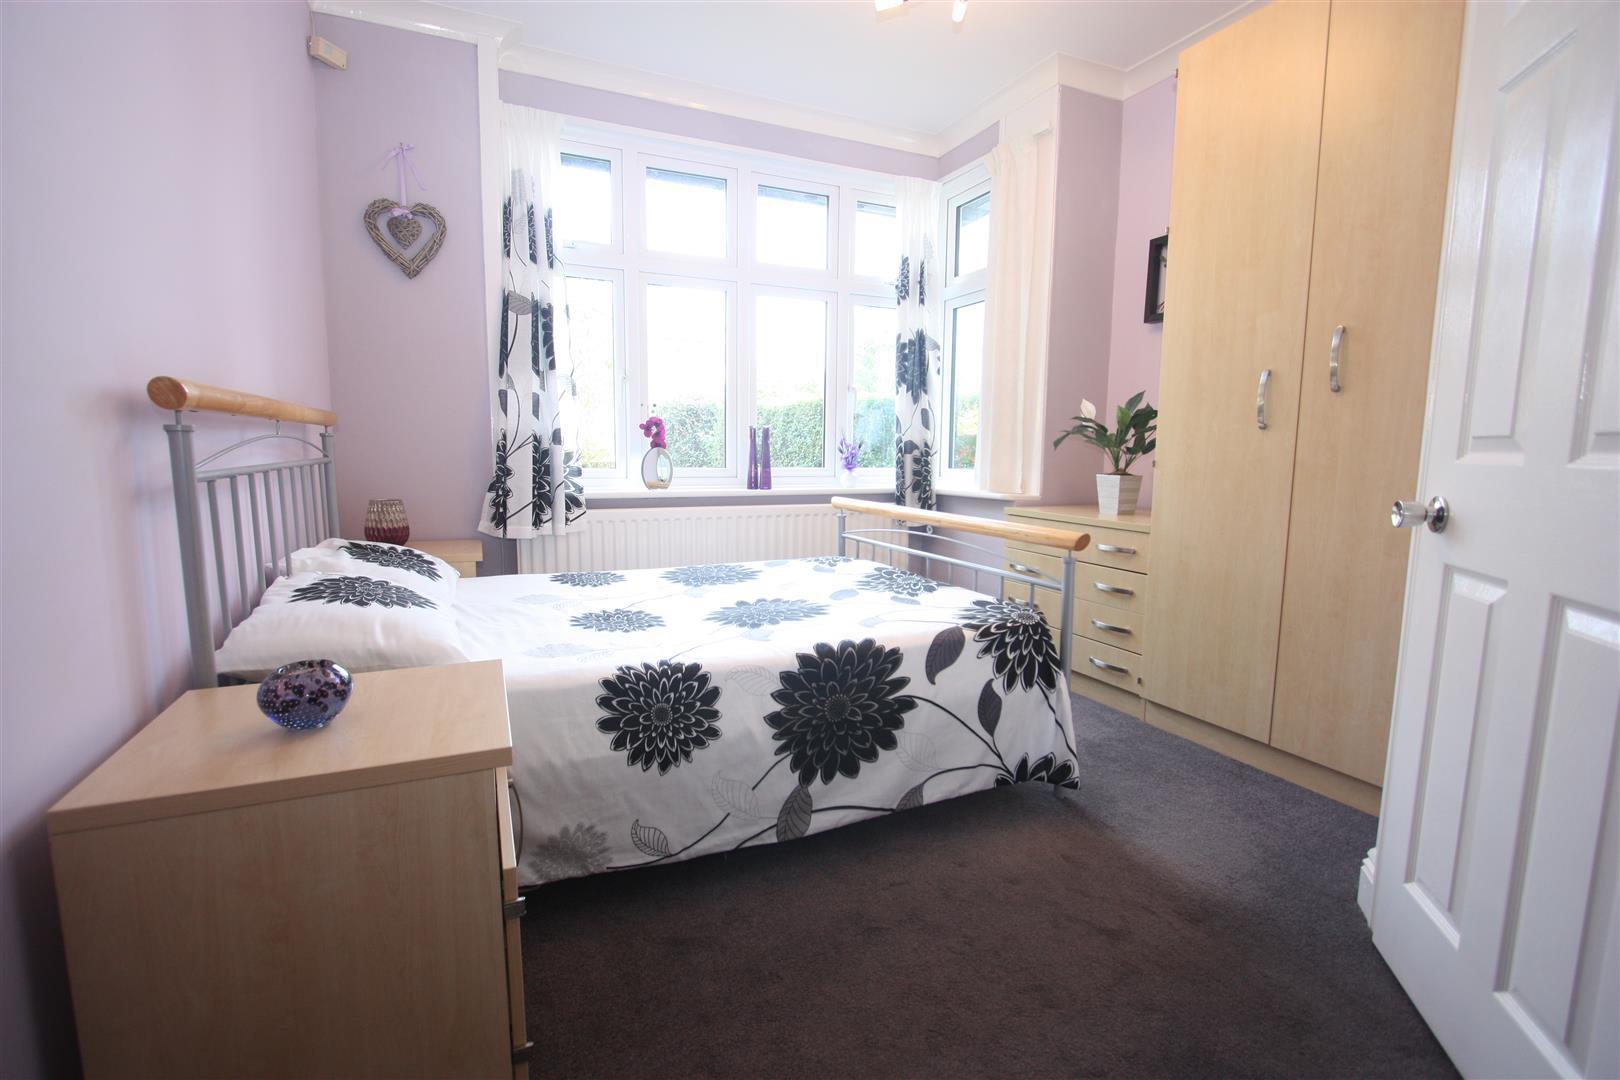 Bedroom Four/Guest Bedroom